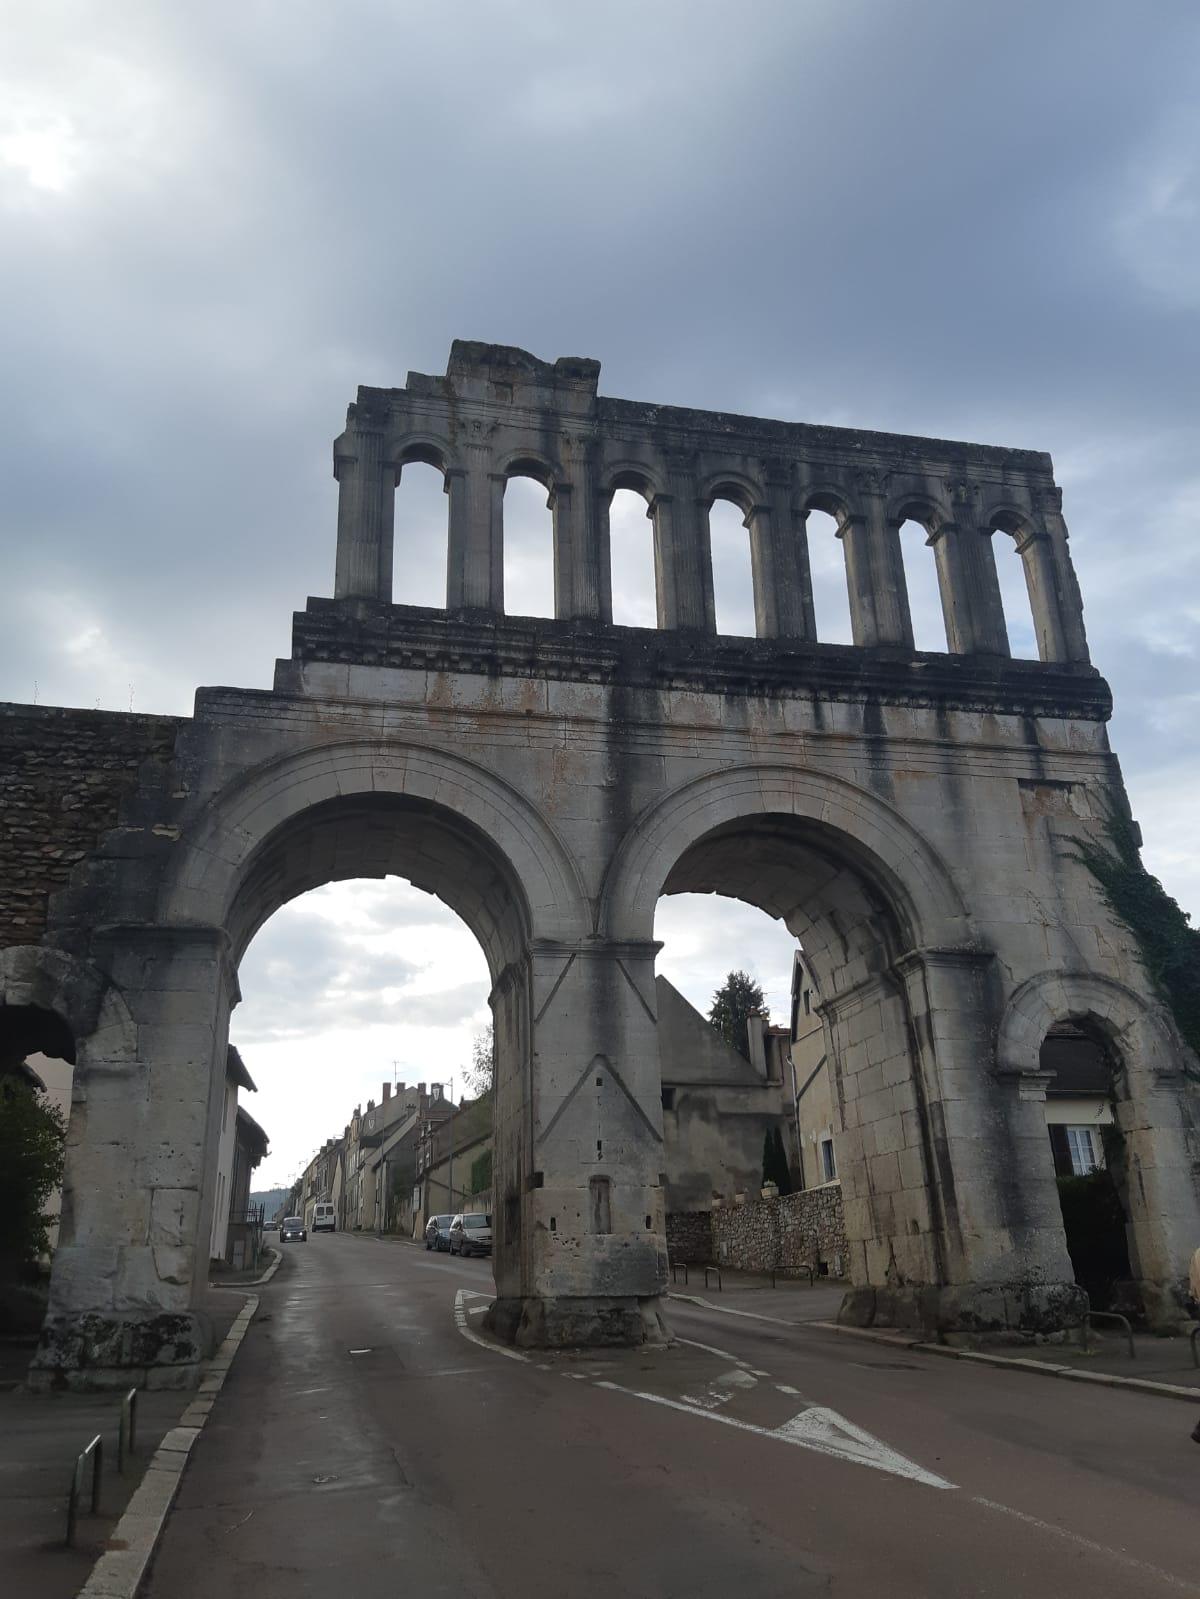 Autun , Porte d'Arroux, Antiquité, Empire romain, Auguste, balades historiques